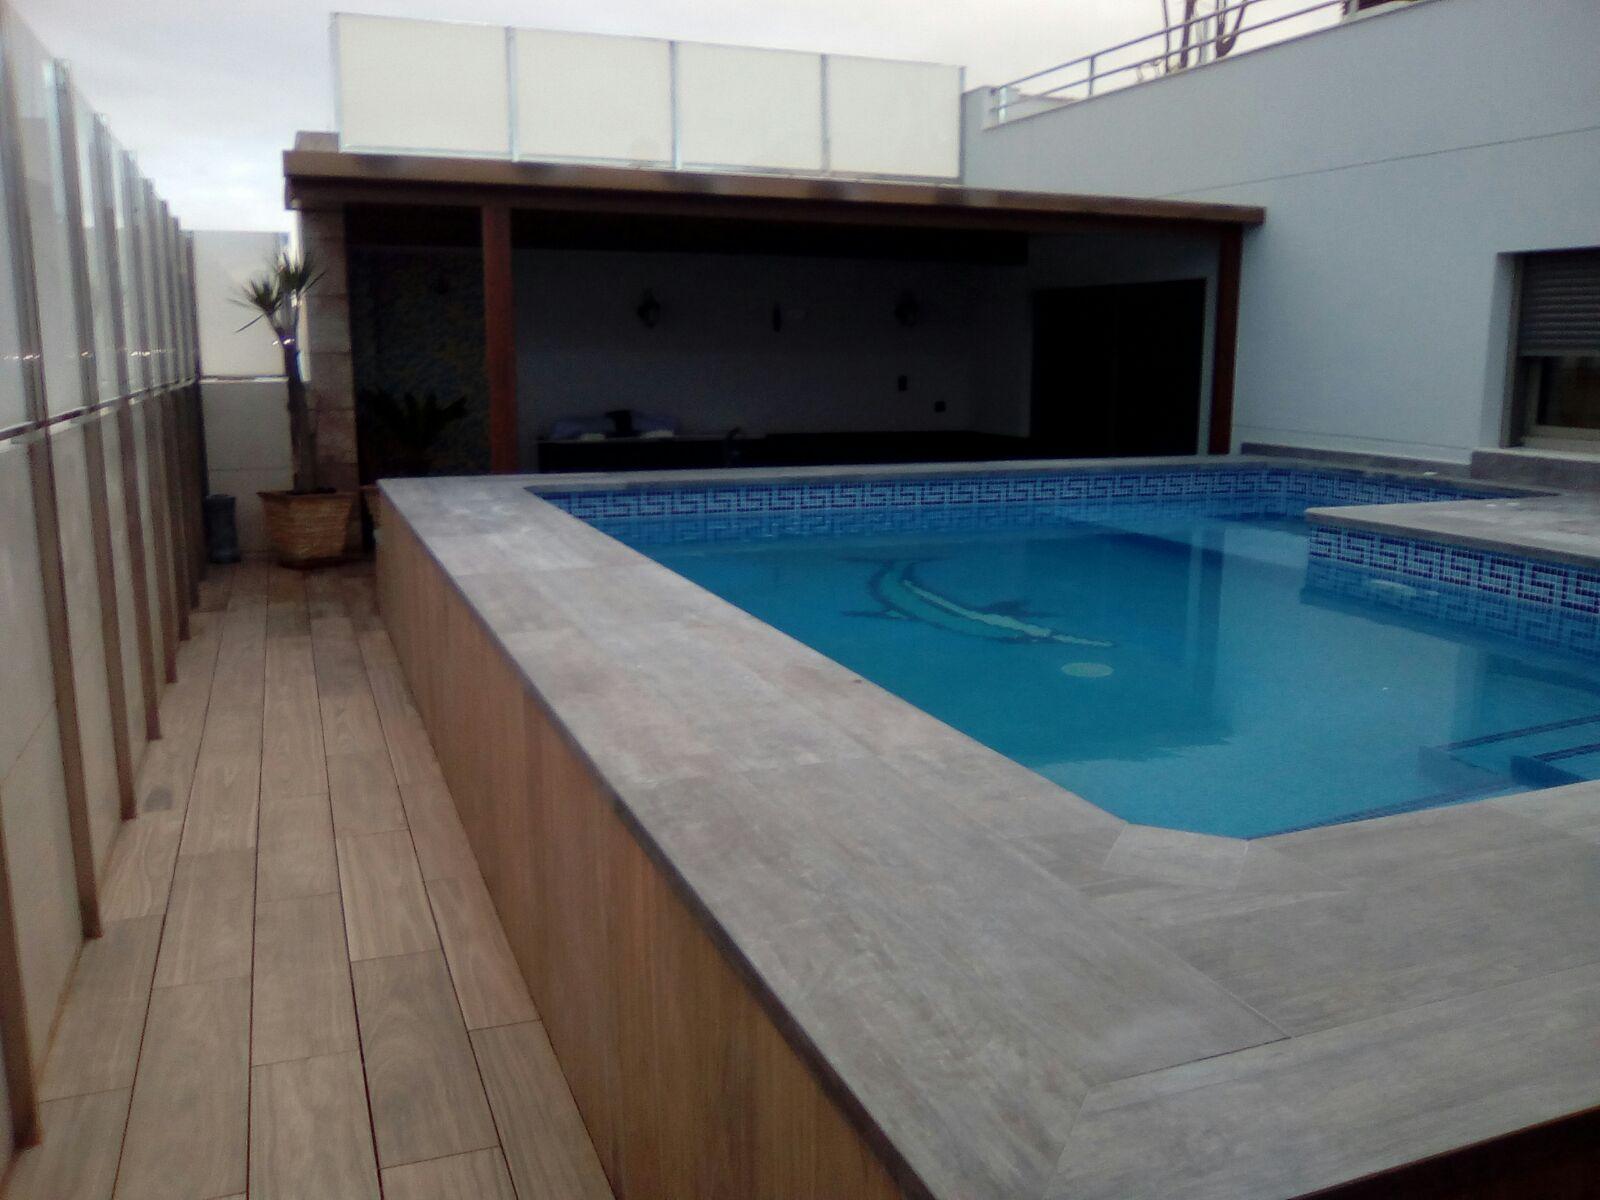 reforma piscina en torrevieja